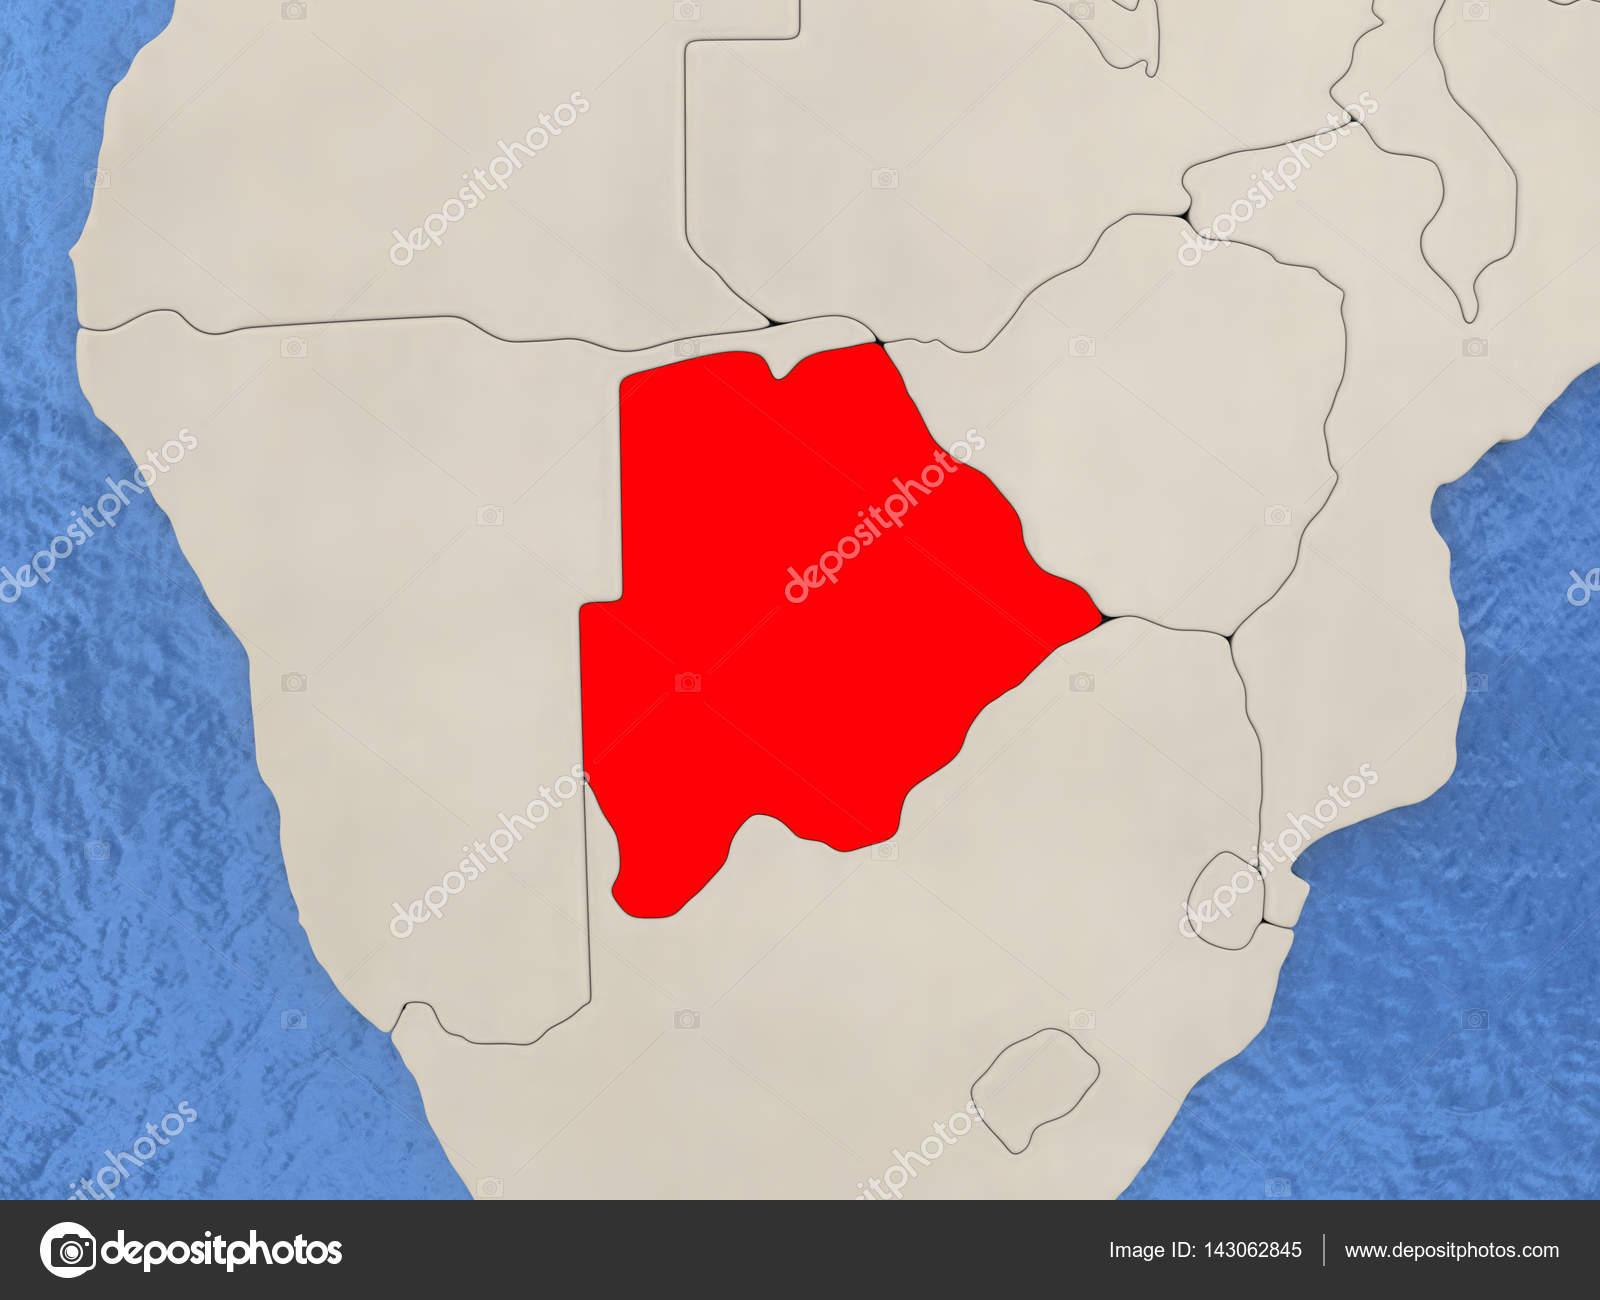 Botswana on map Stock Photo tomgriger 143062845